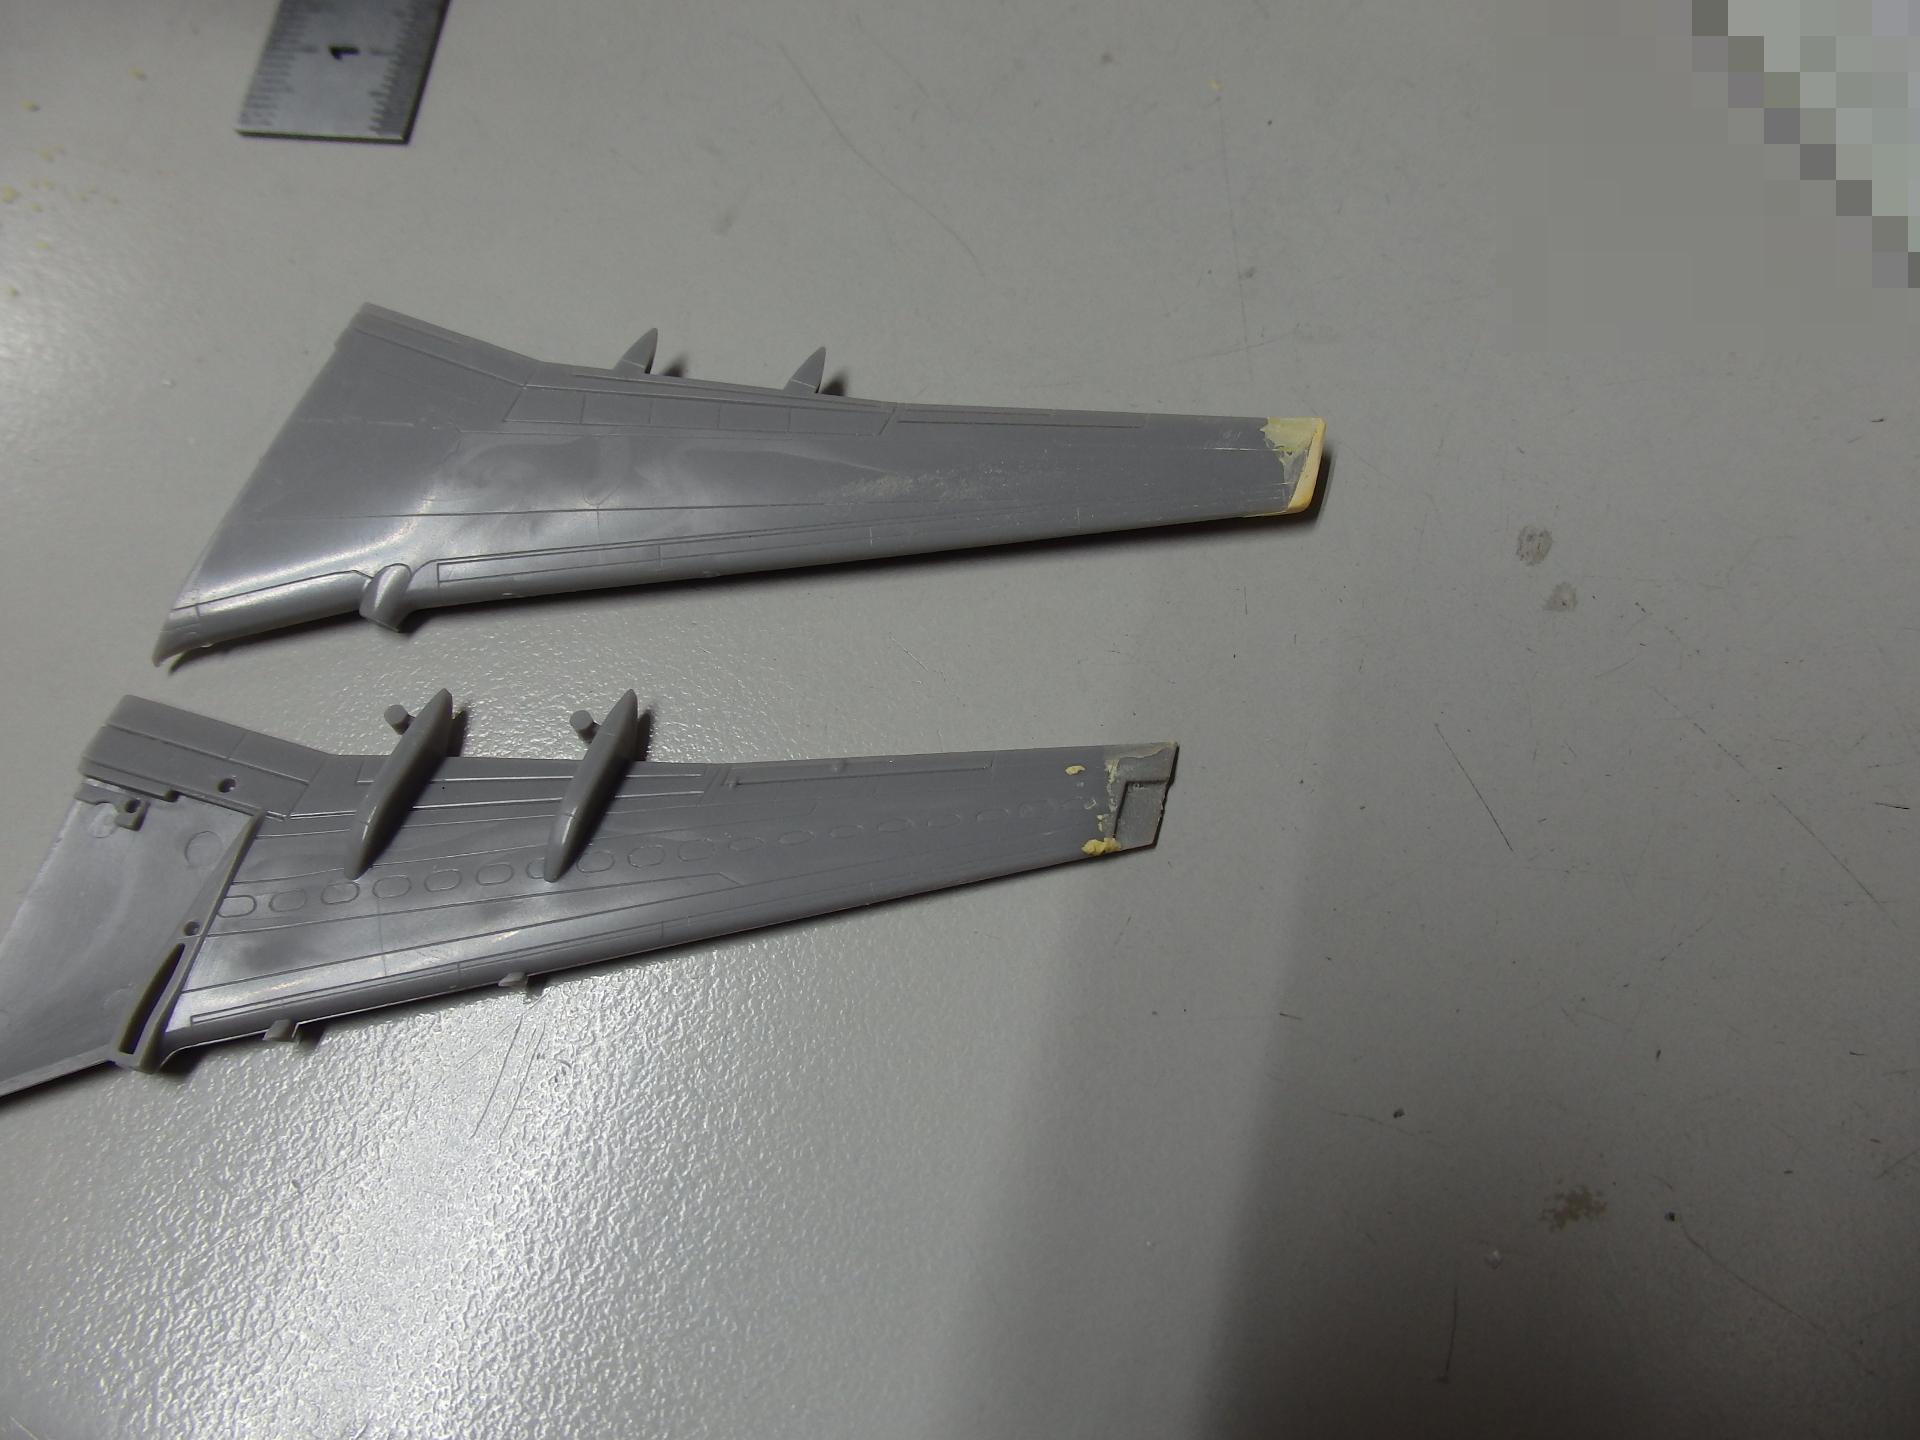 パテで翼端面修整中です。